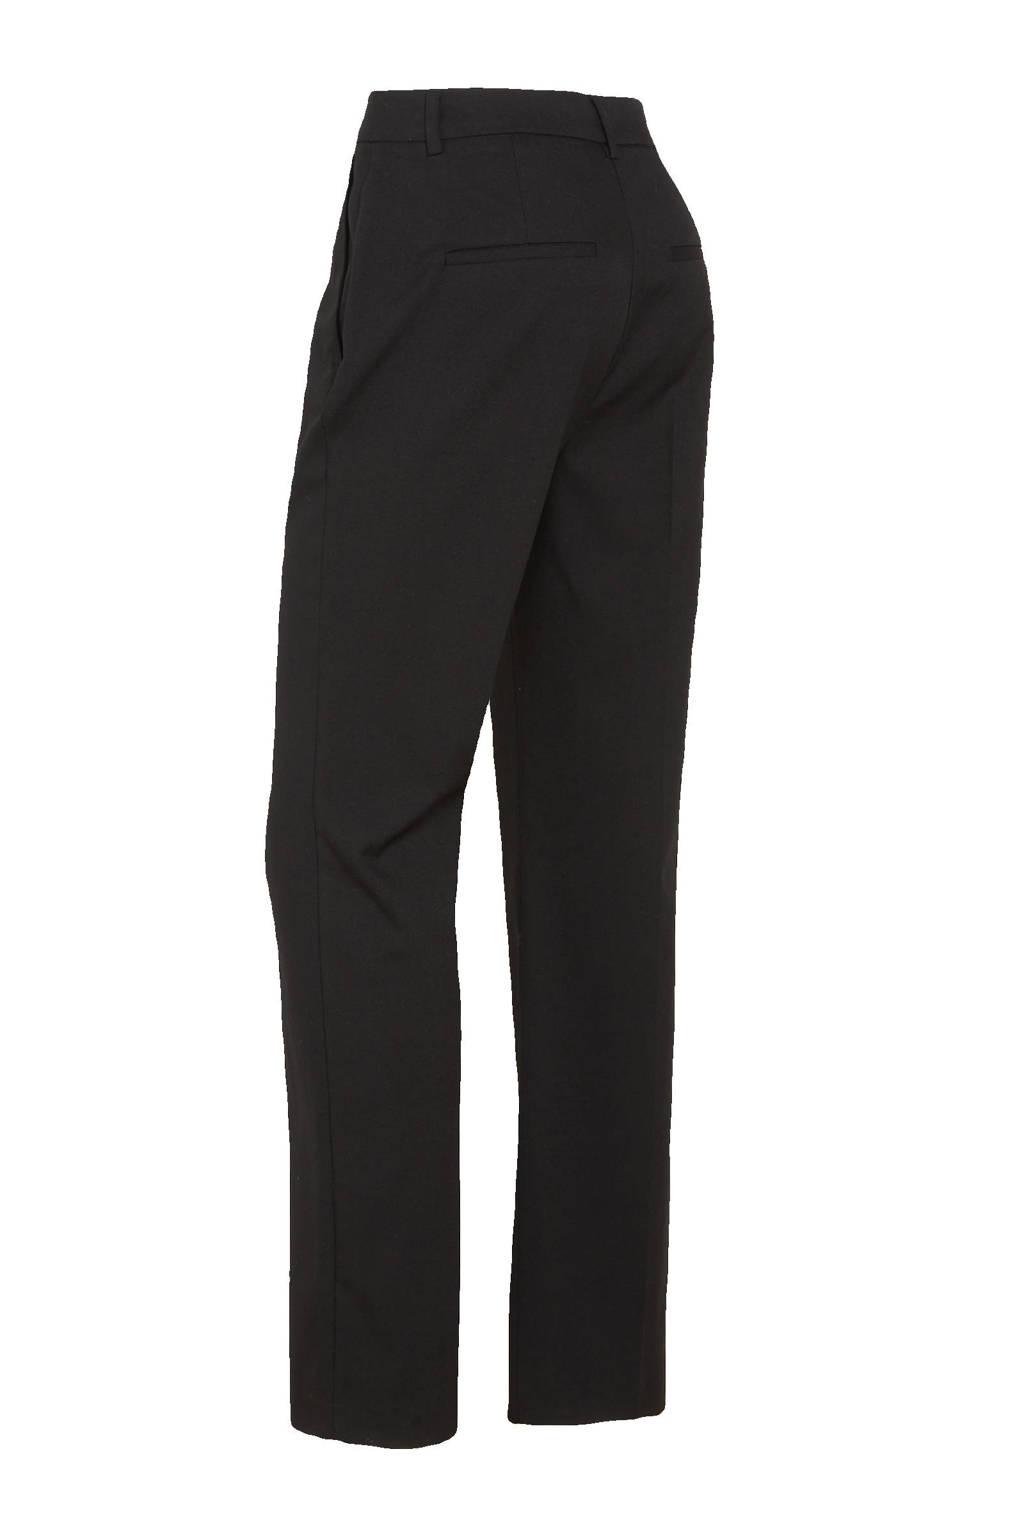 C&A Yessica Tailored high waist straight fit pantalon zwart, Zwart